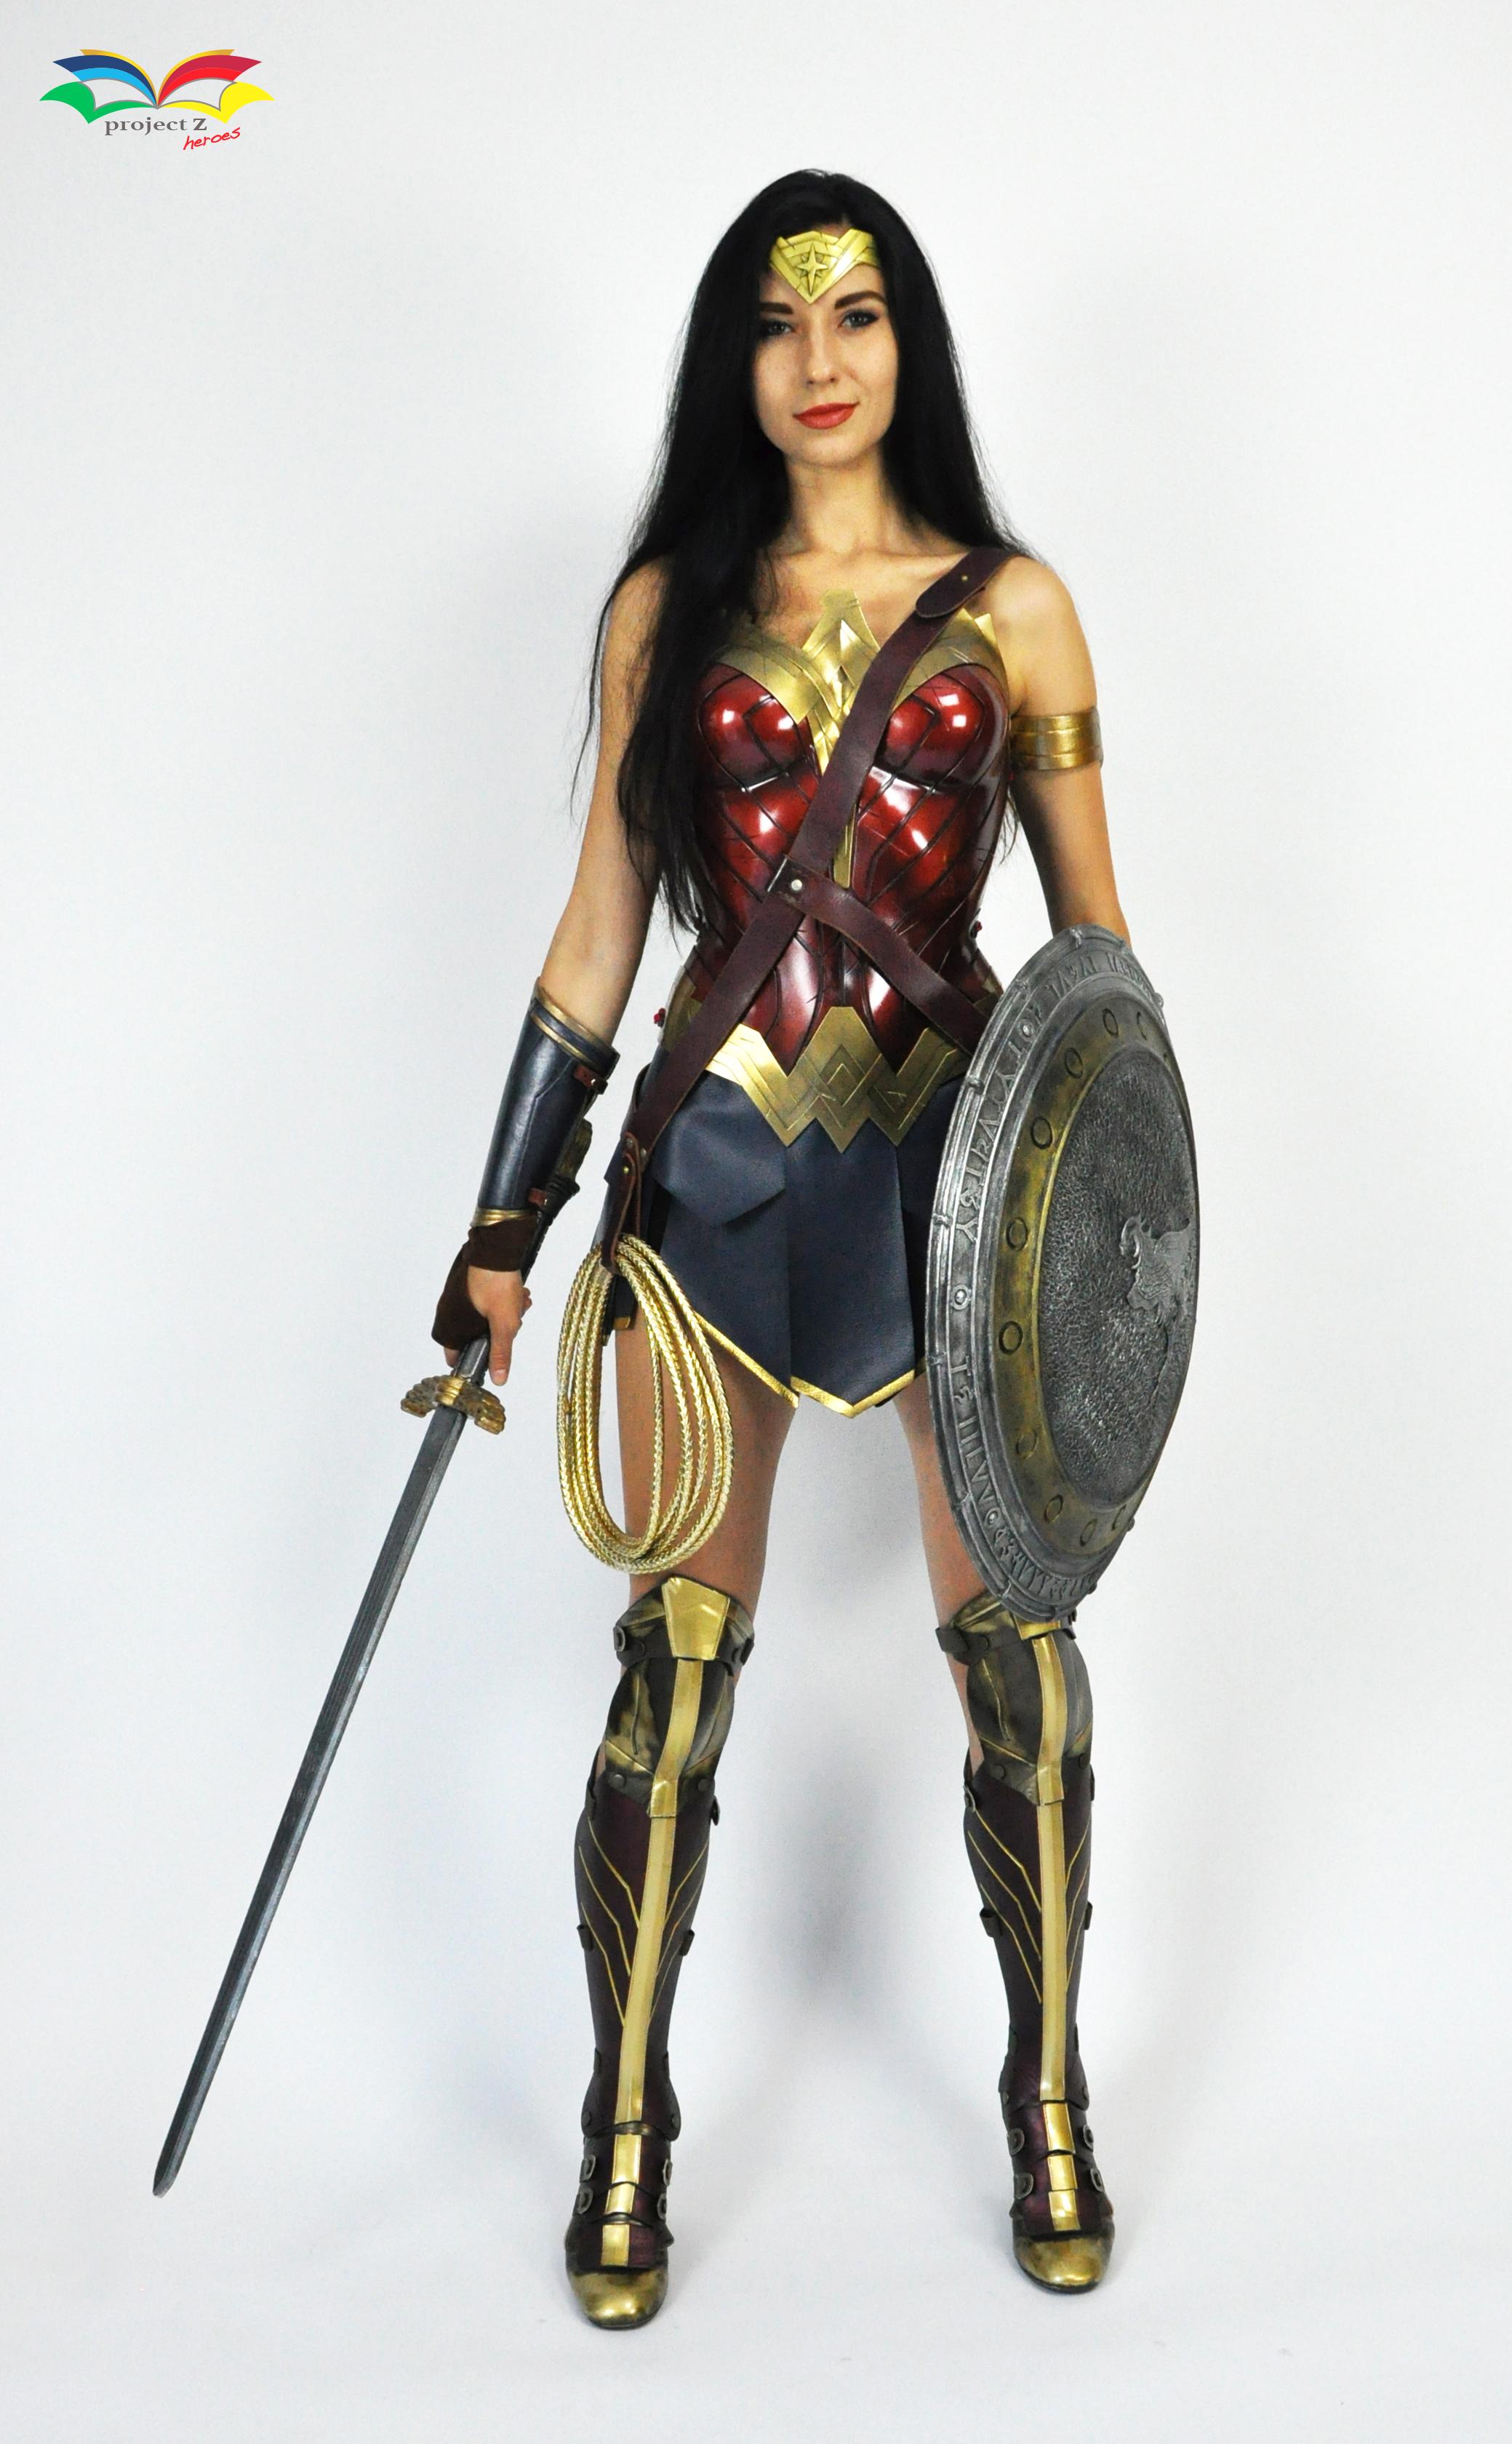 ชุดซุปเปอร์ฮีโร่ ชุด Wonder Woman Superh